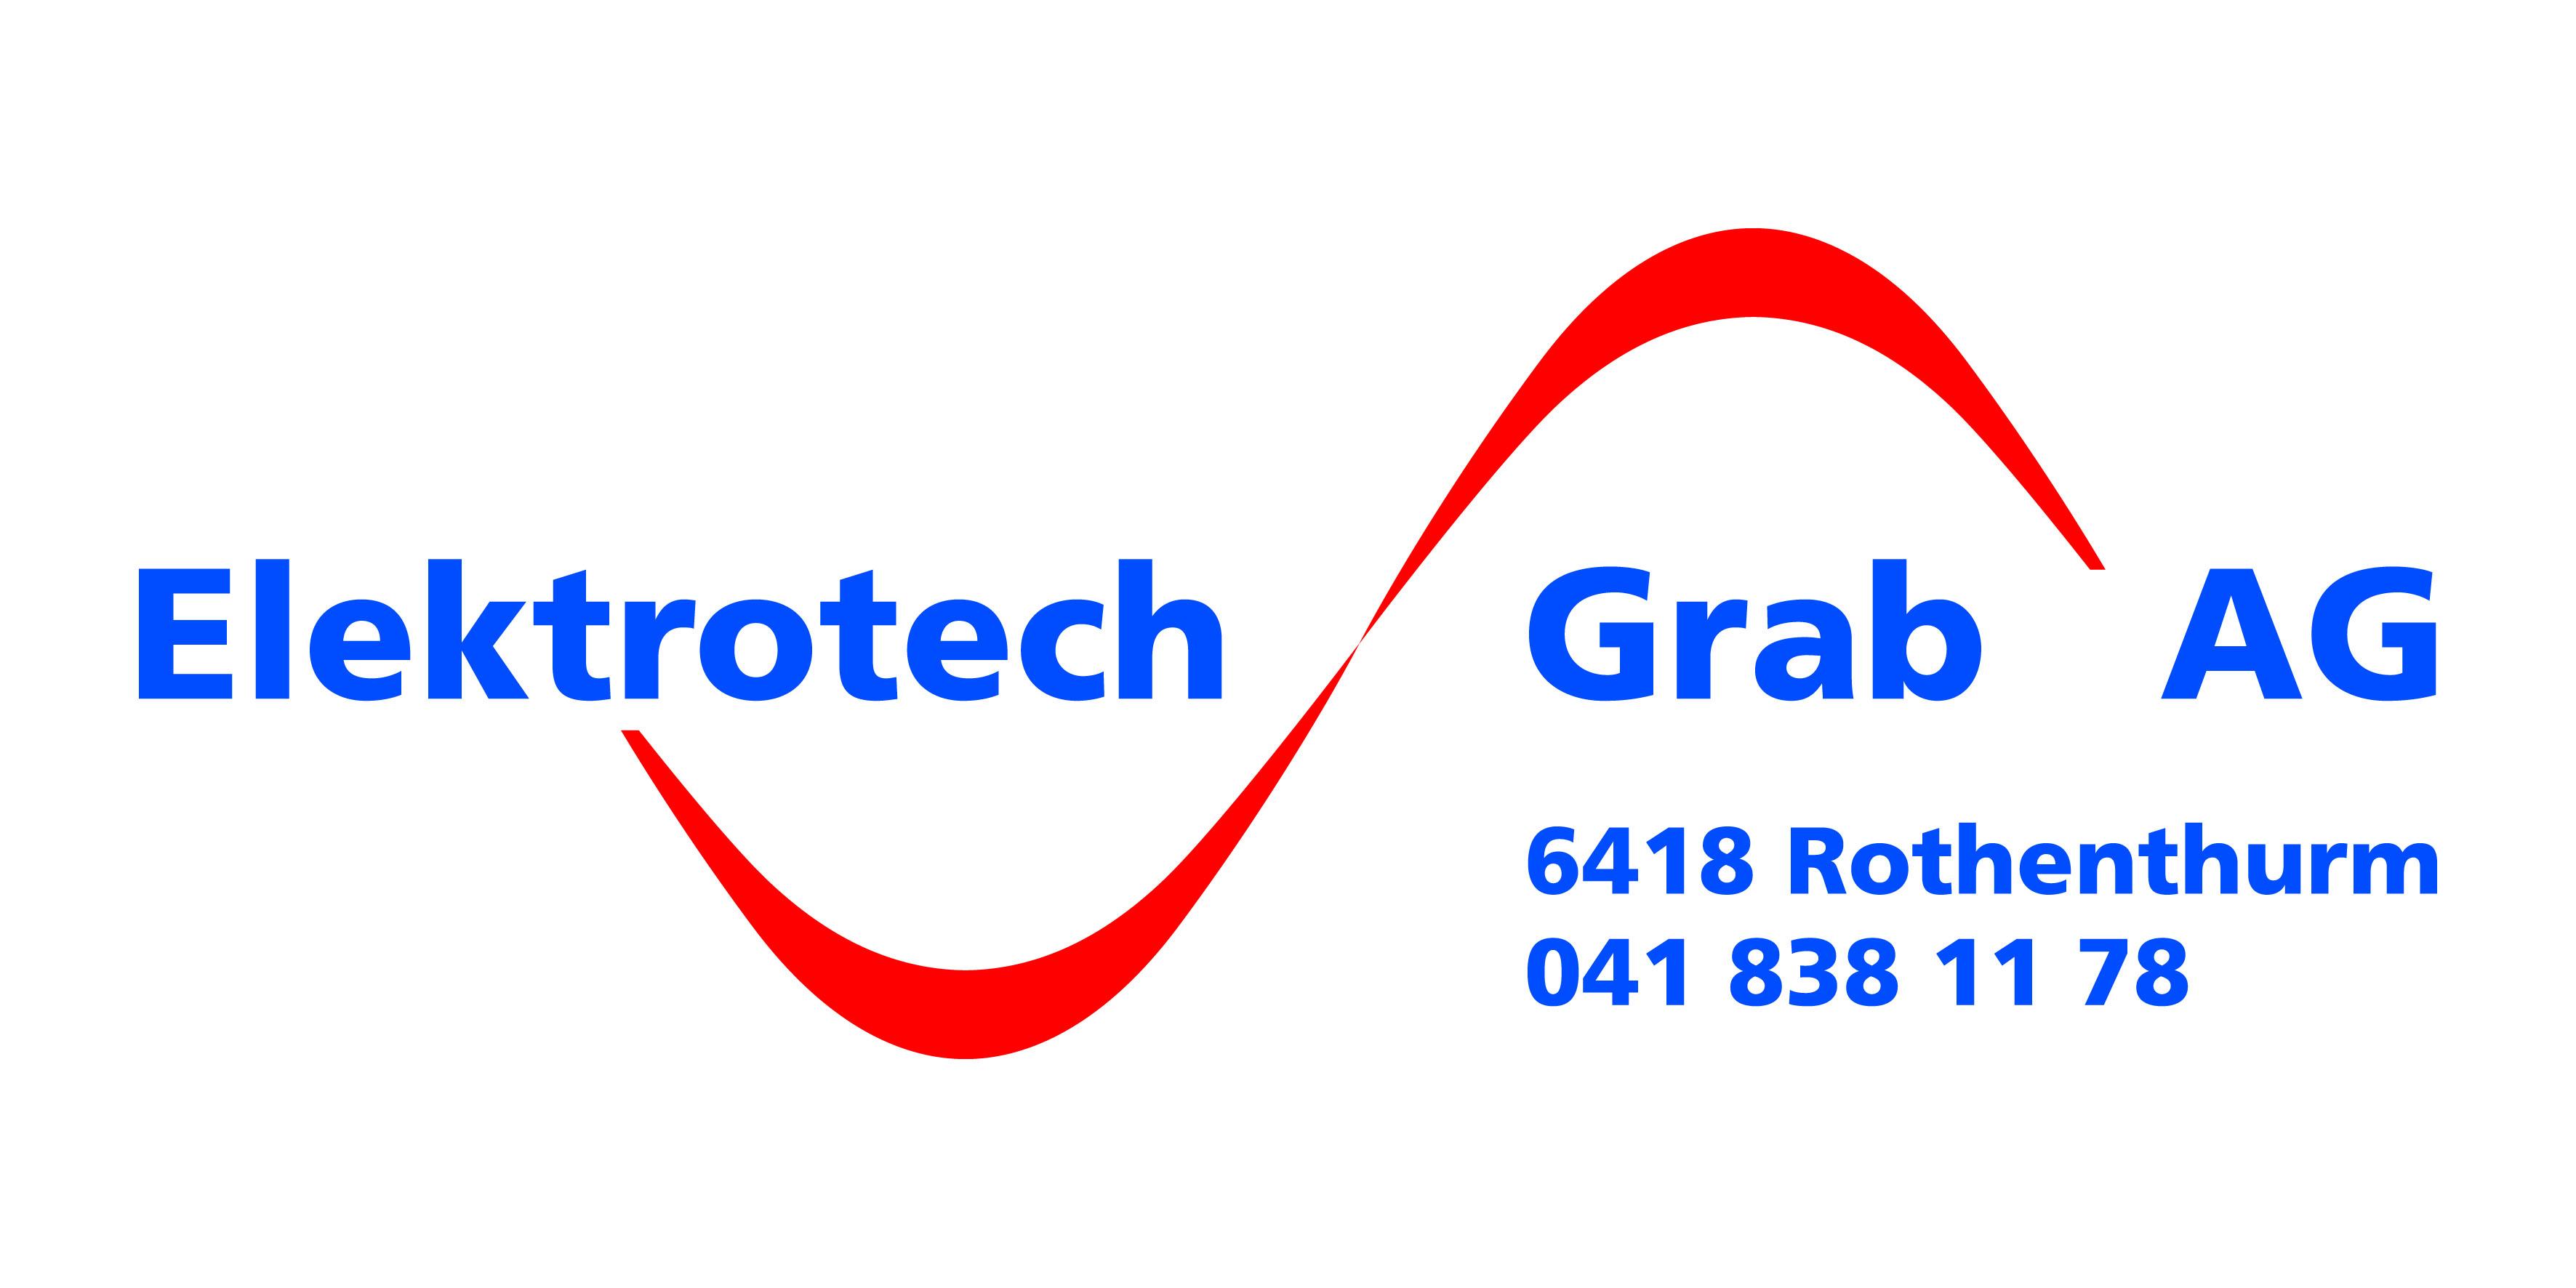 Elektrotech Grab AG